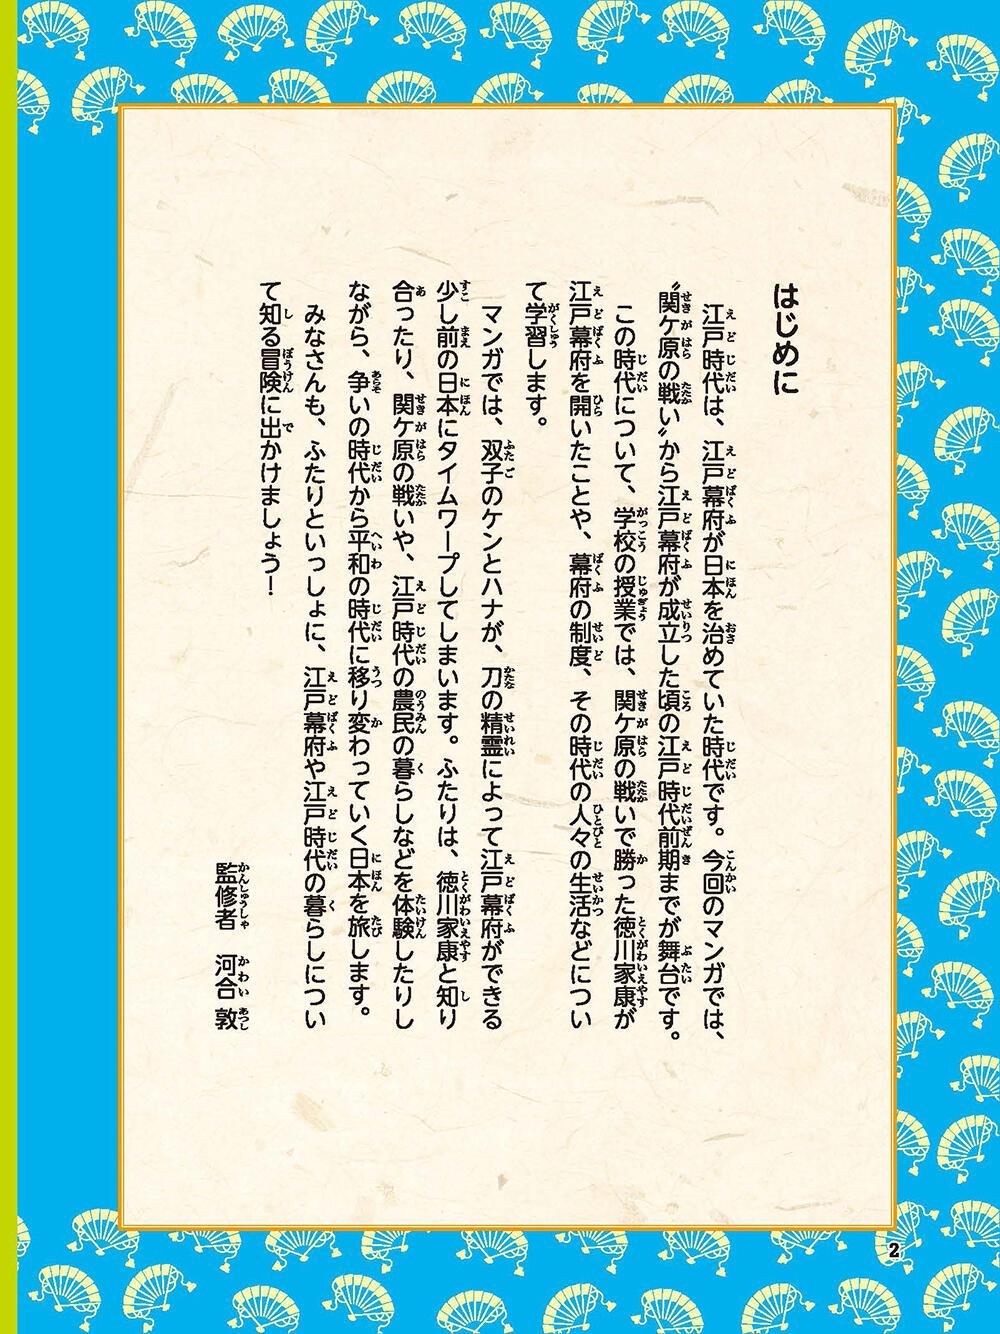 豎滓虻譎ゆサ」_001_繝倥z繝シ繧キ繧兩002.jpg